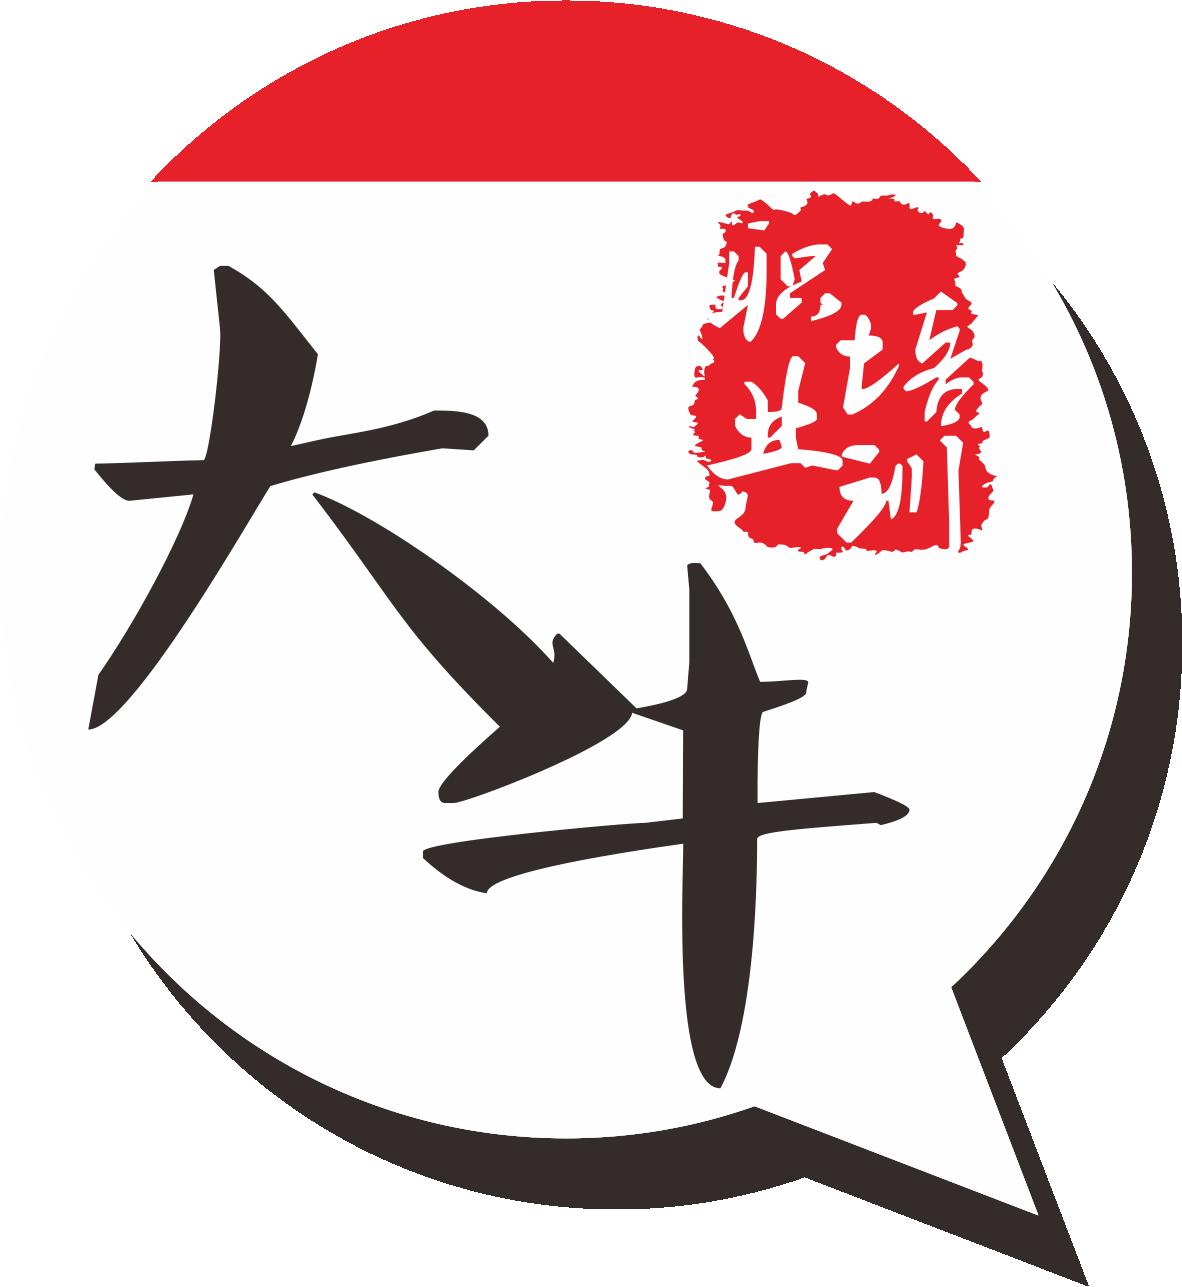 广州市天河区大牛教育培训中心有限公司